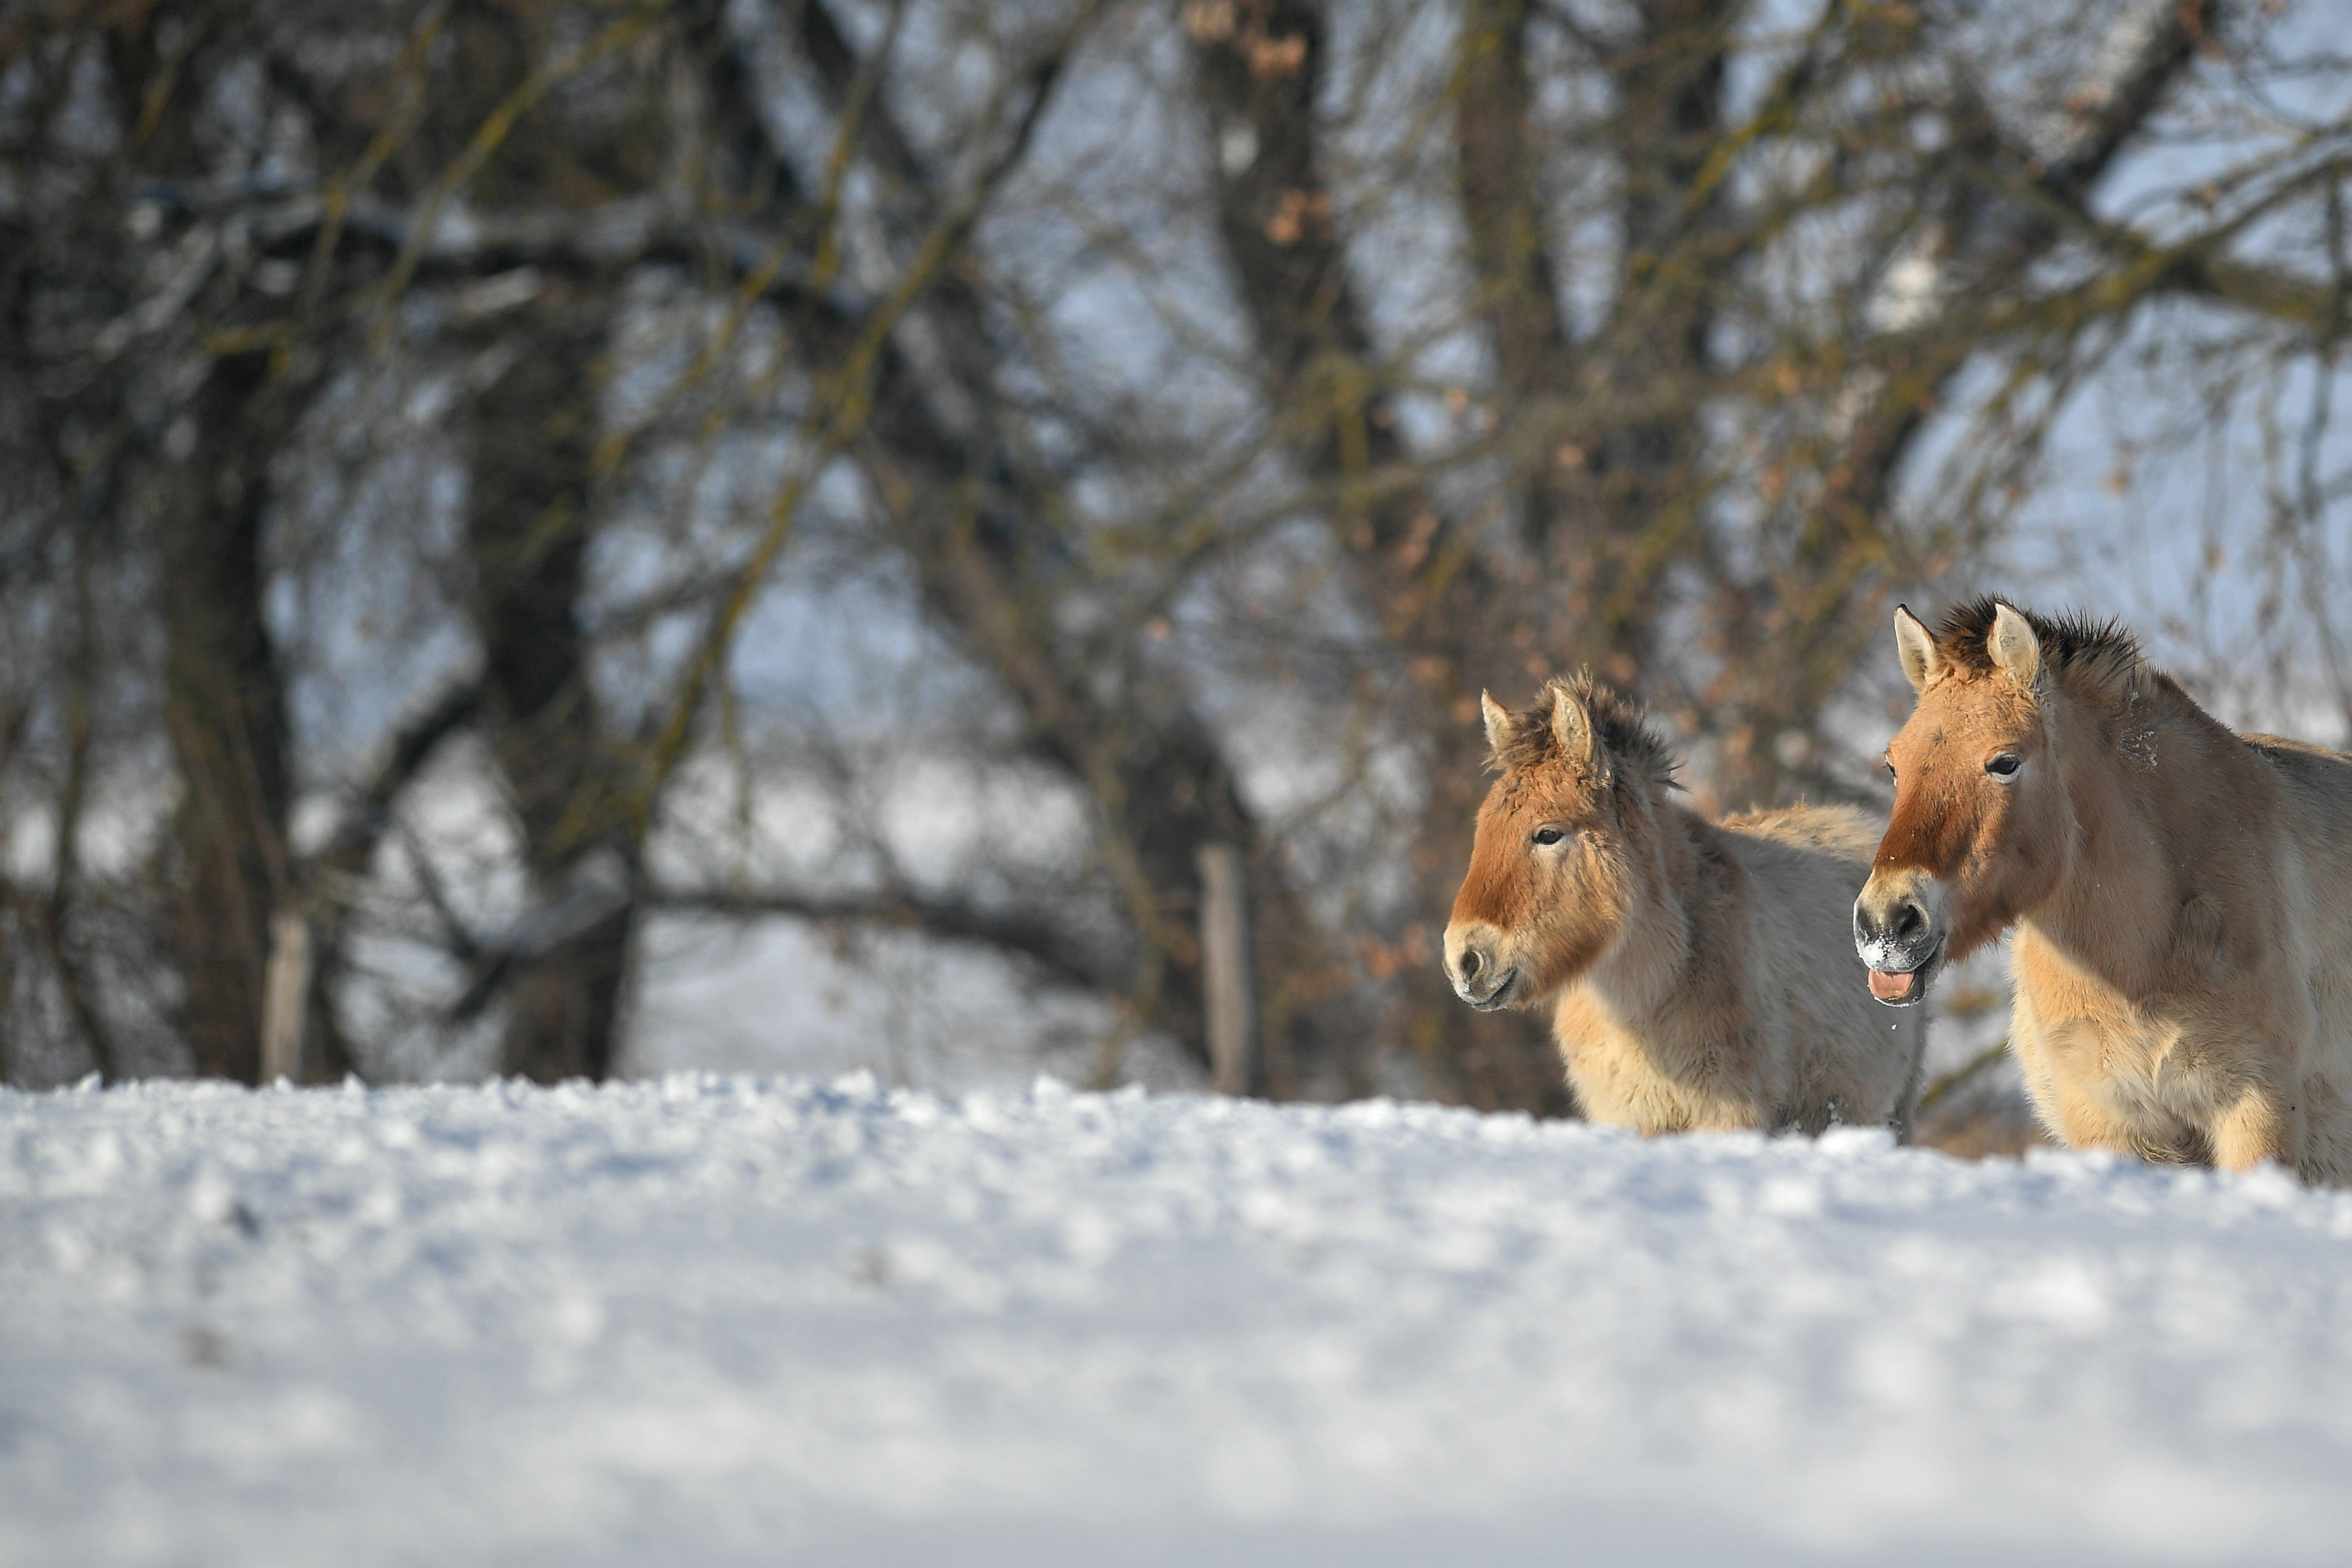 Nagyon jól áll a hó a Hortobágyon élő ázsiai vadlovaknak